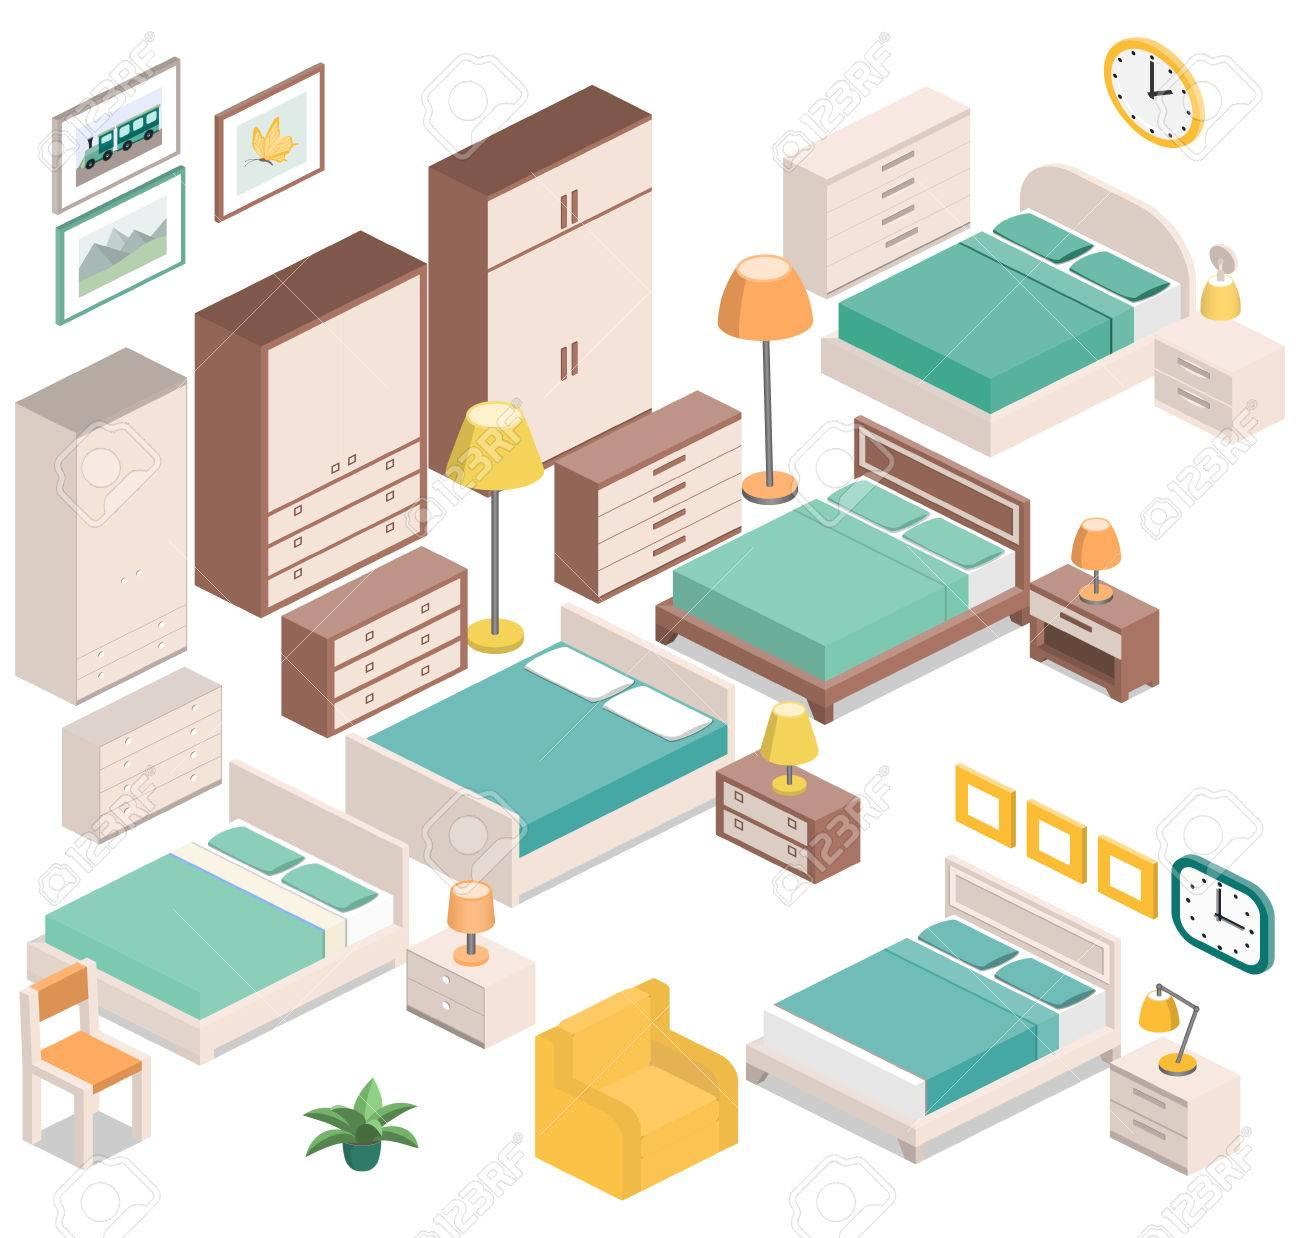 Meubles Pour La Chambre A Coucher Dans Le Style Isometrique Tables